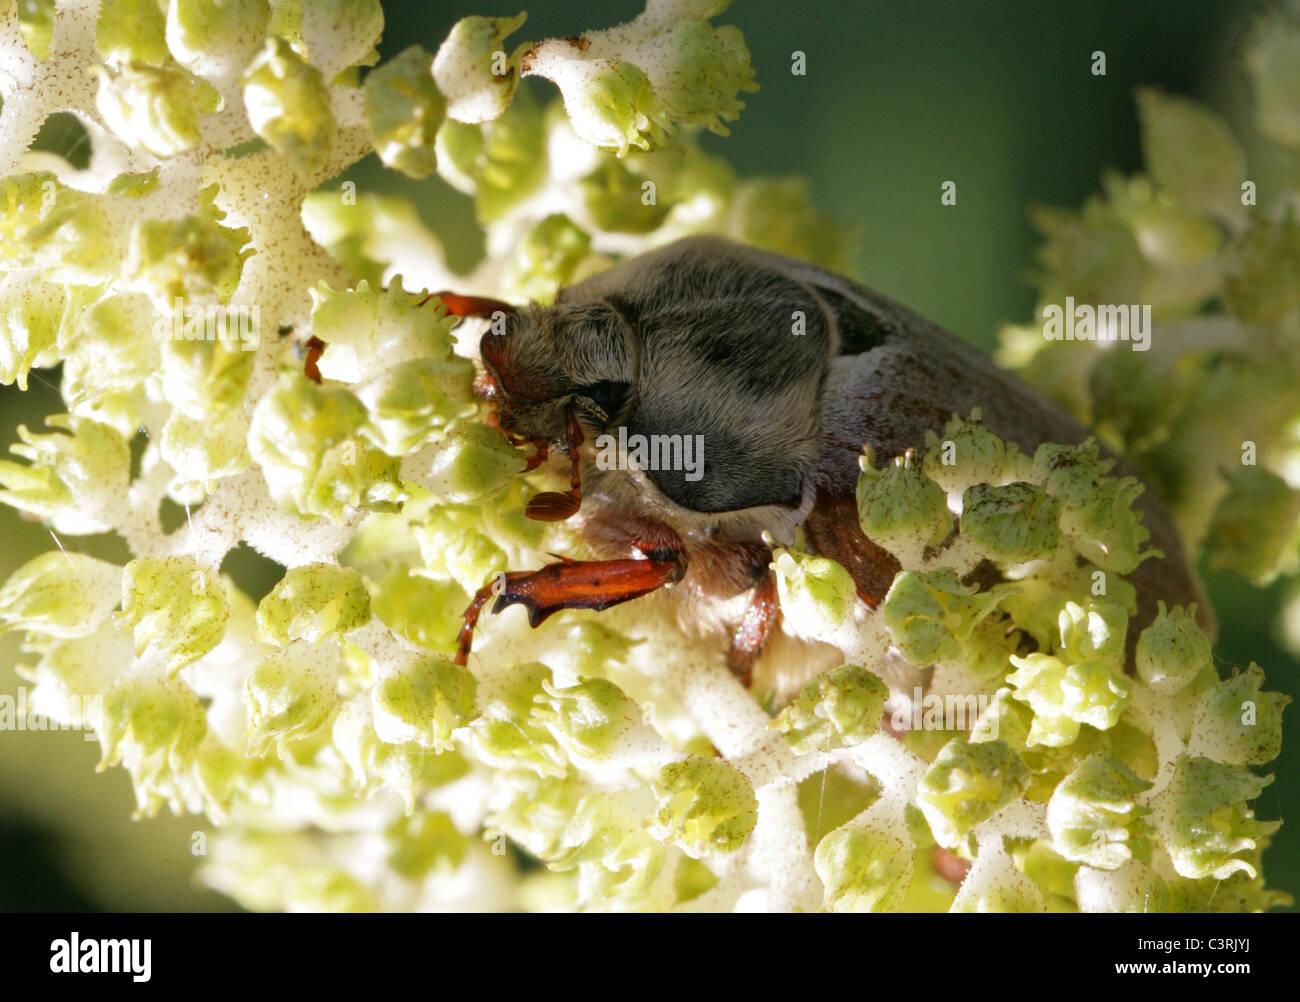 Maybug, Melolontha melolontha o Cockchafer, Melolonthinae, Poxviridae, Coleoptera. Foto de stock